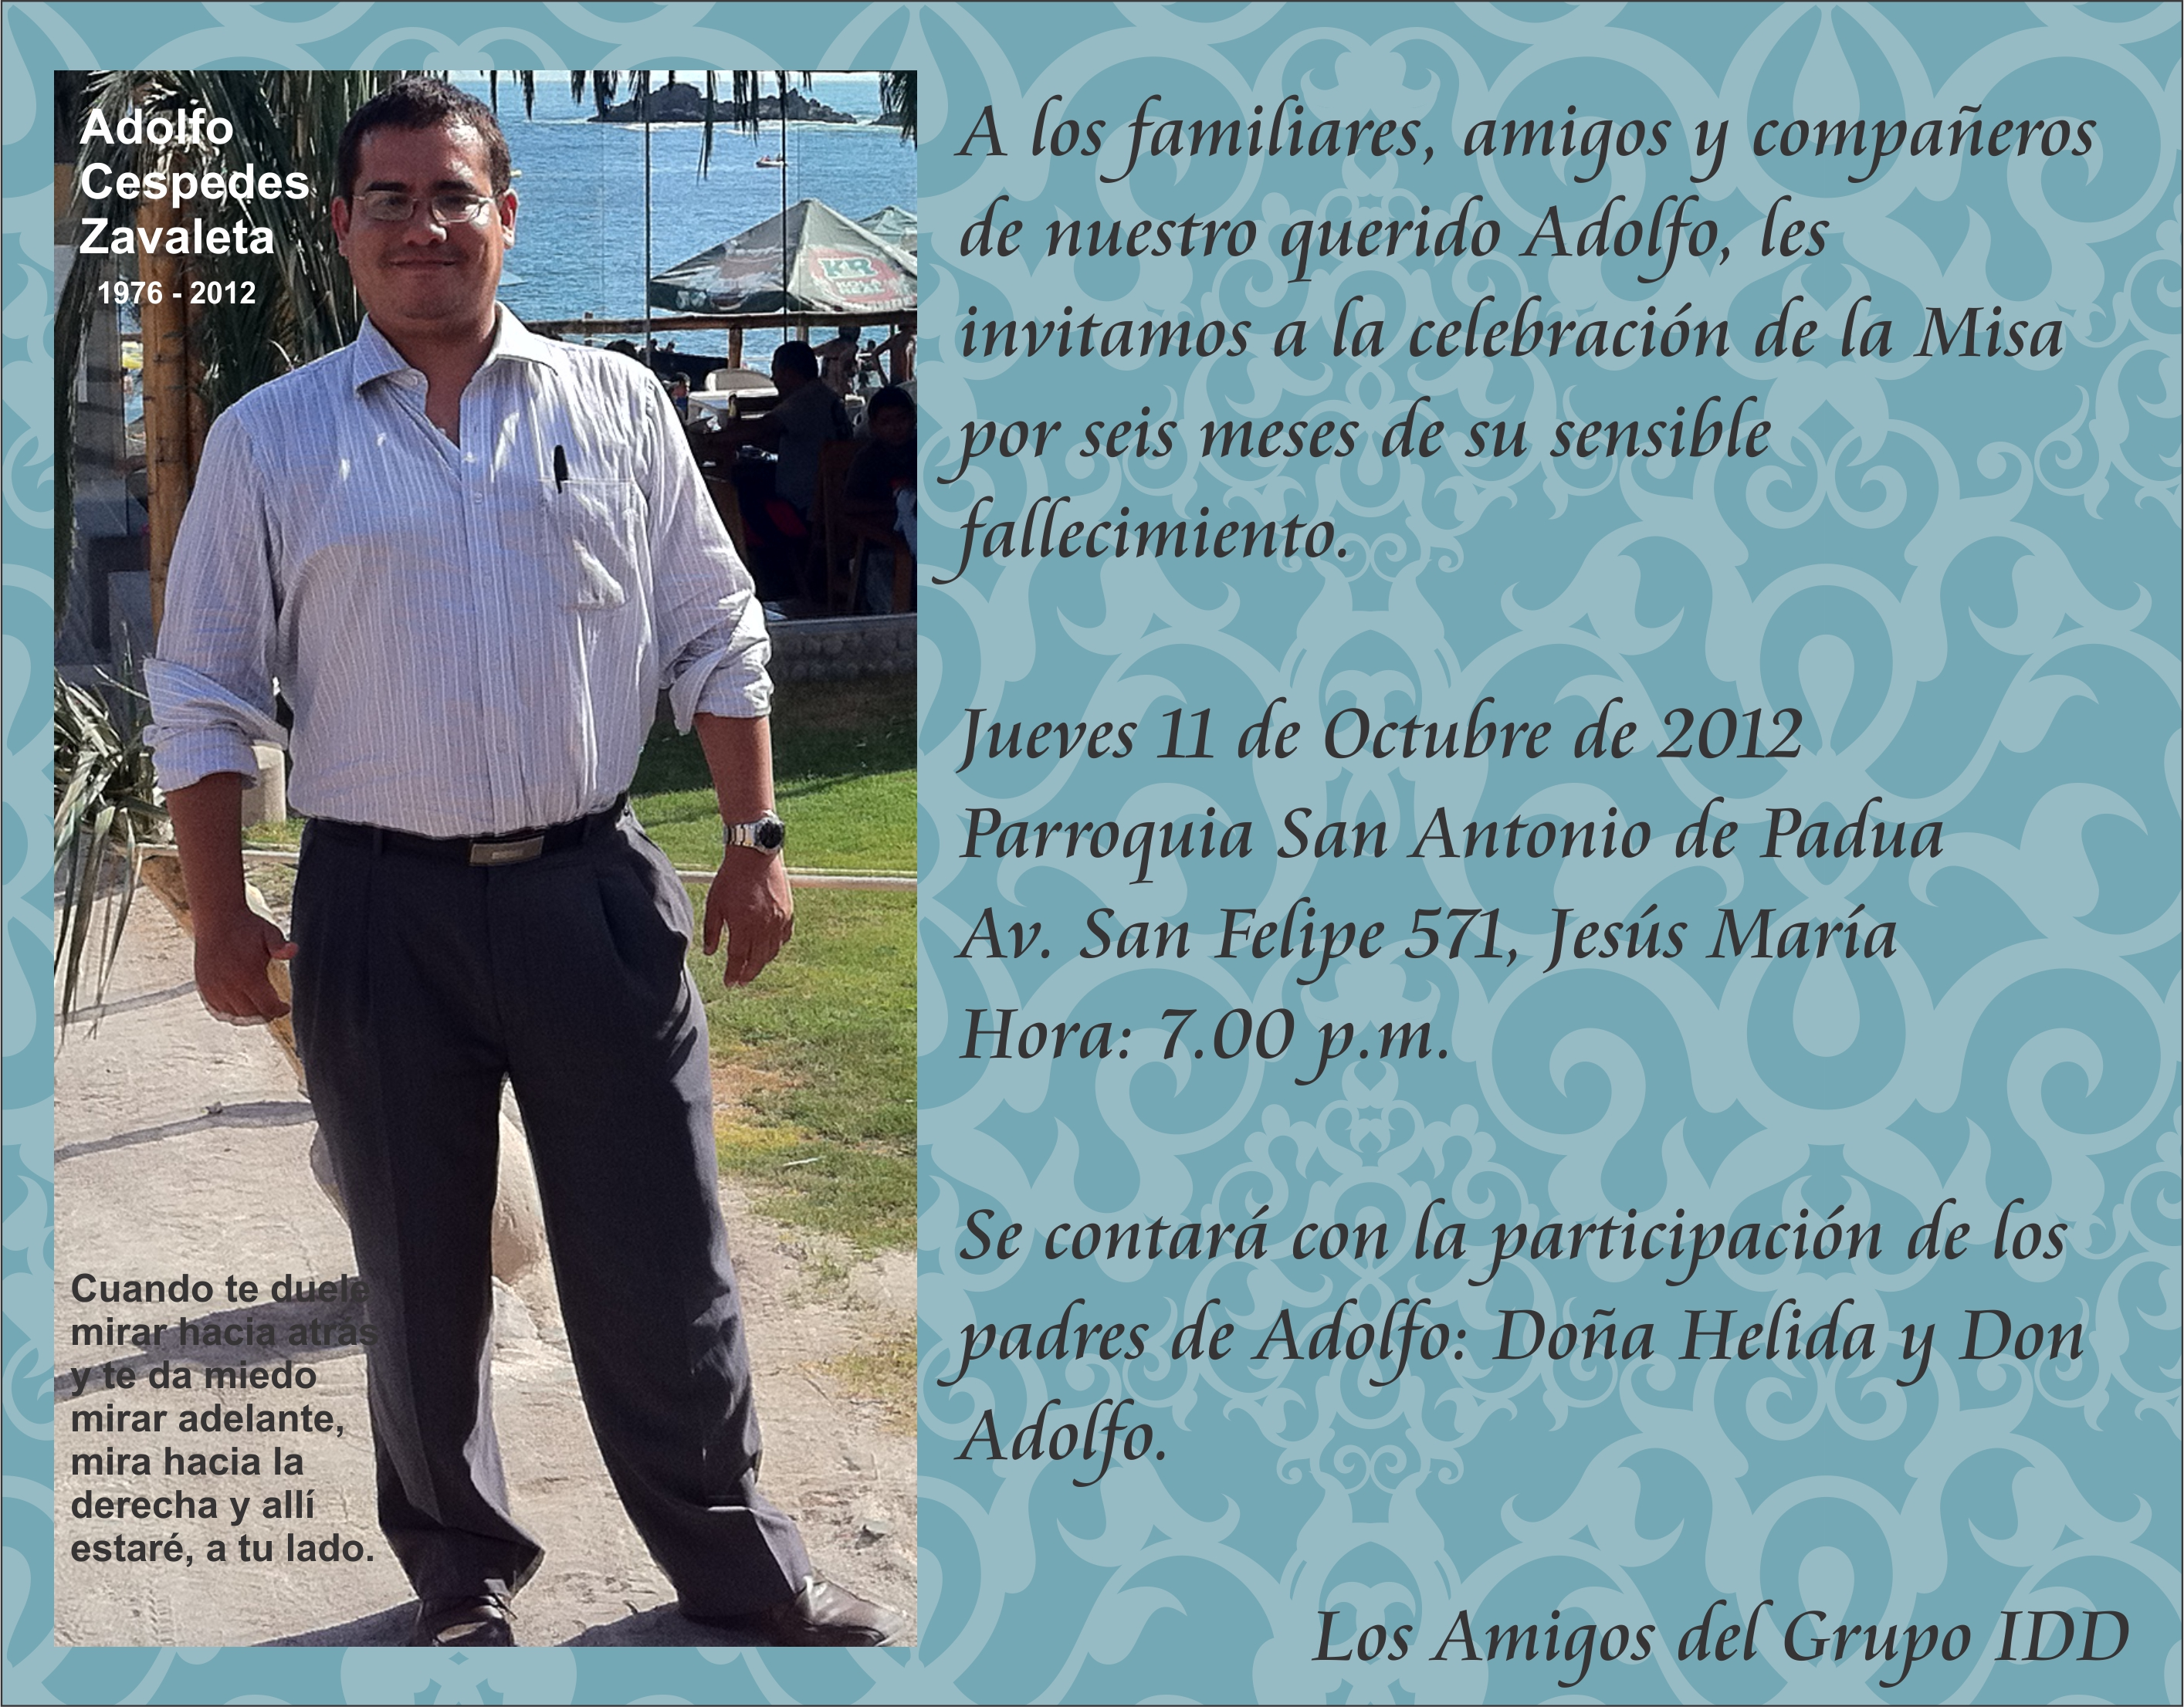 la misa en memoria de Adolfo Céspedes Zavaleta en la parroquia de